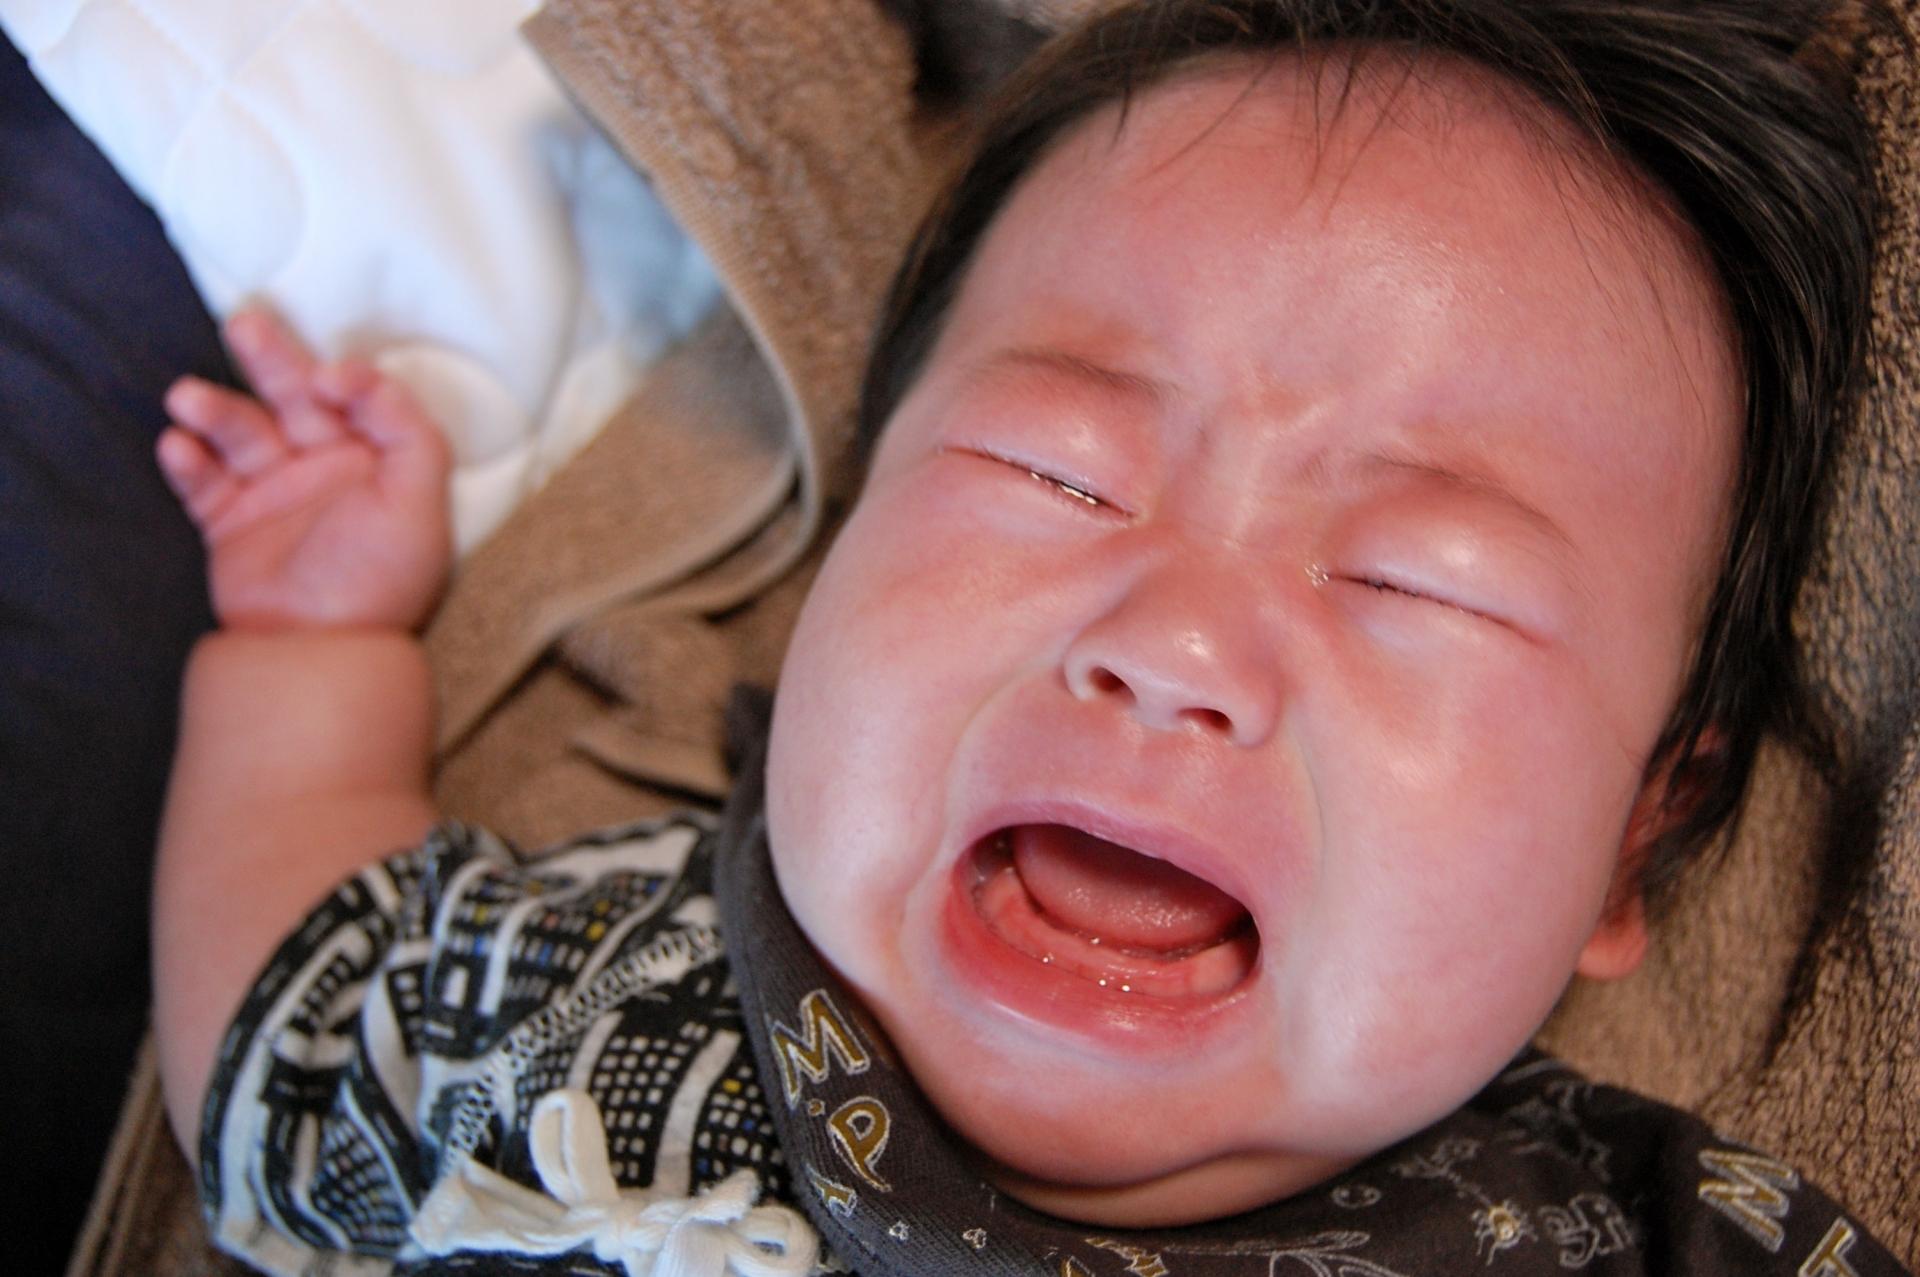 1歳半の赤ちゃんのママ必見!誰だって夜泣きでイライラする!